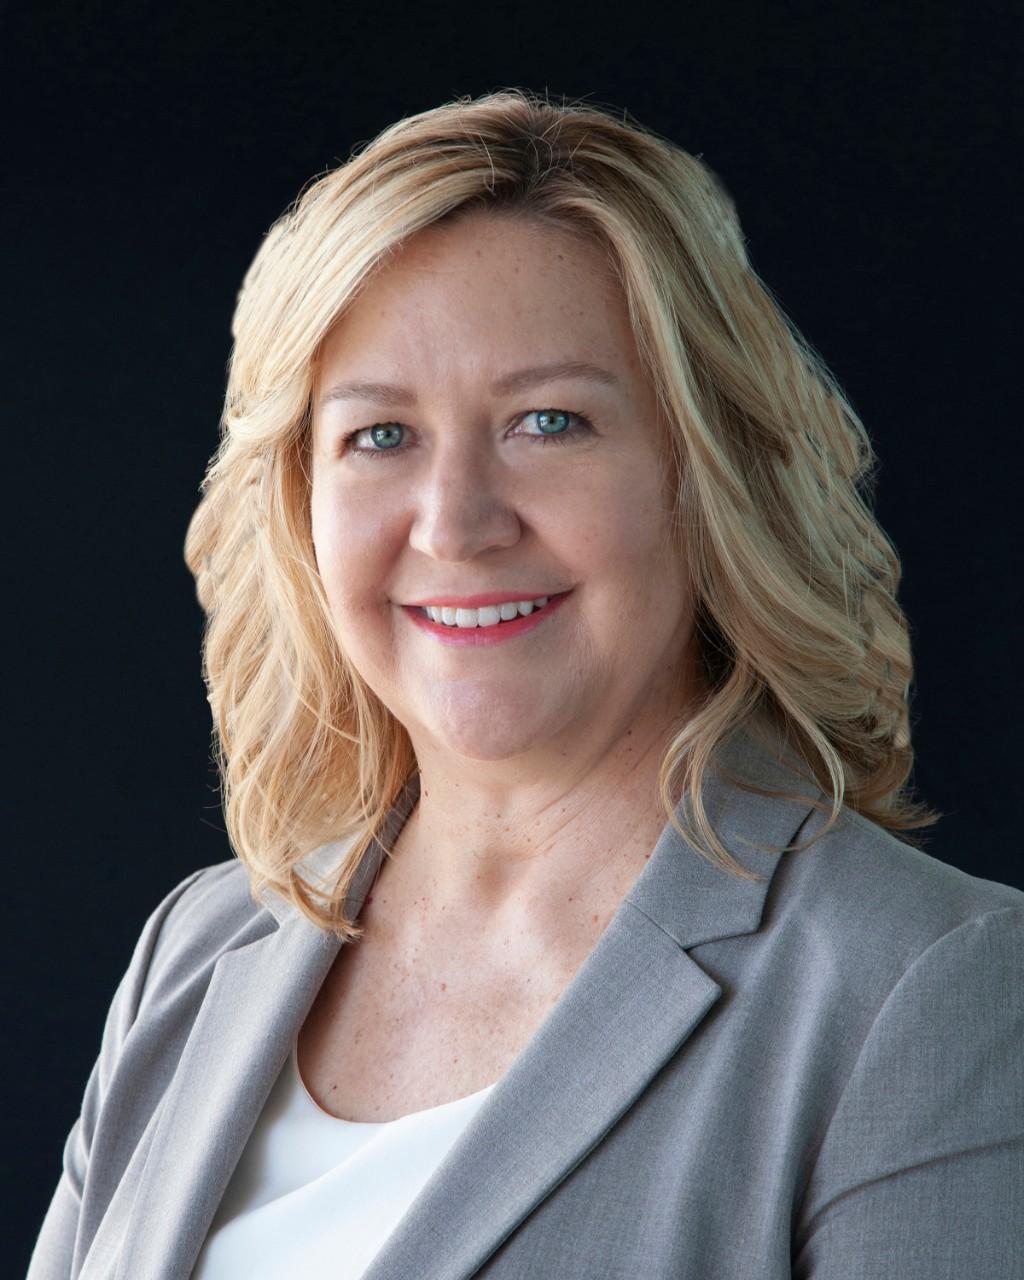 Julie Noe